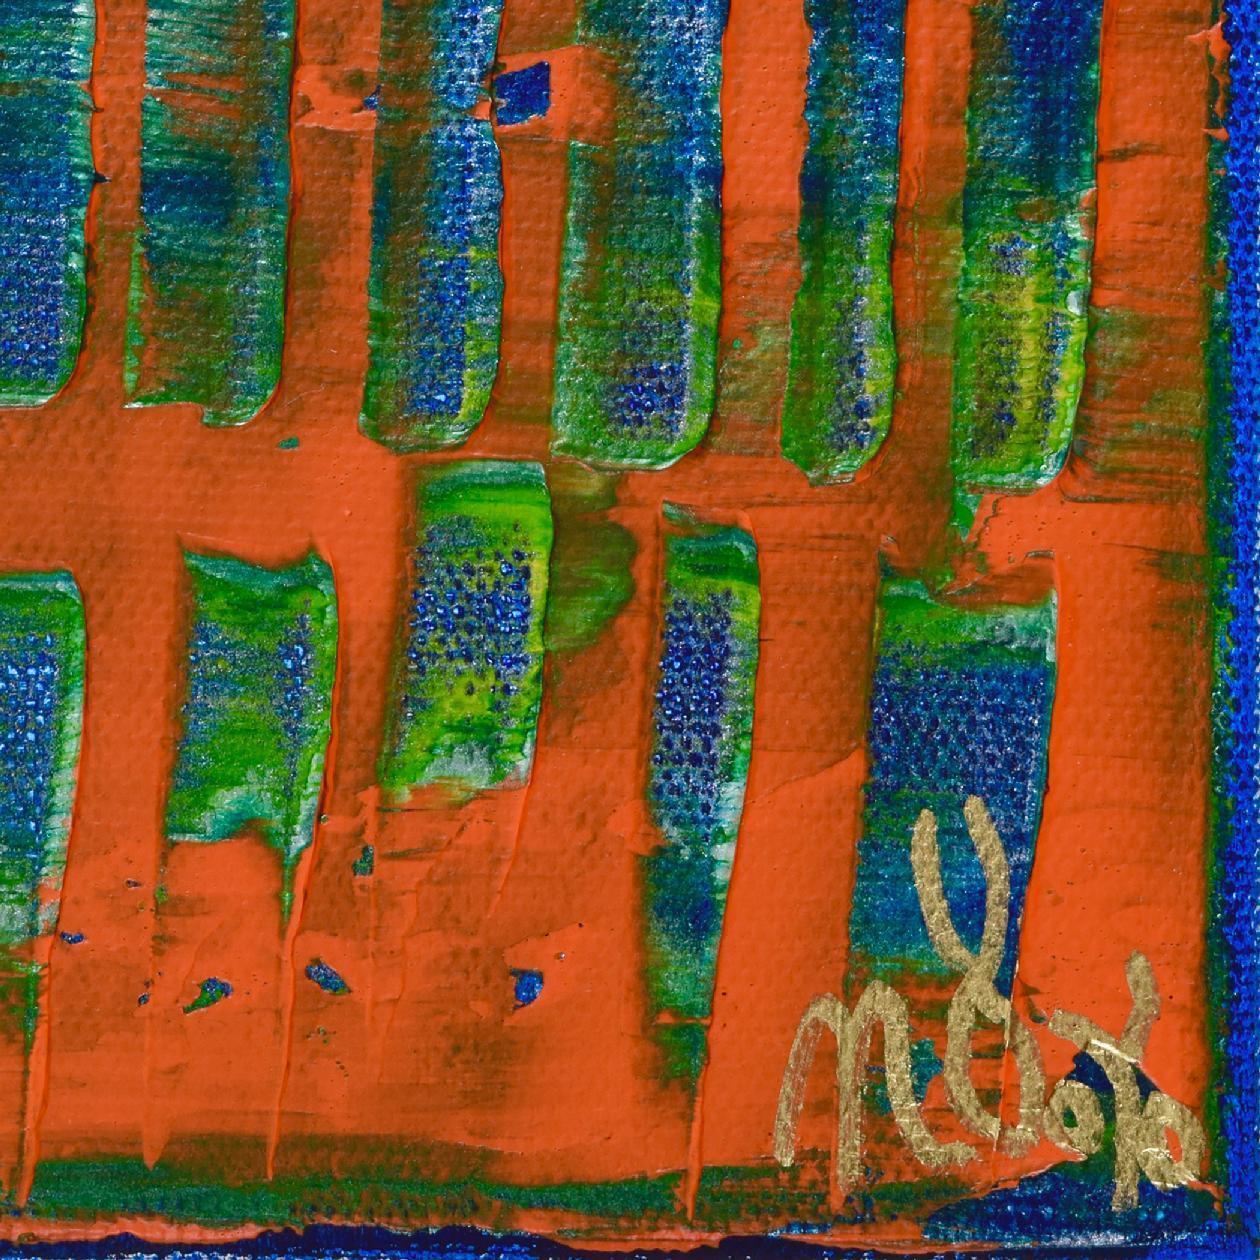 Signature - Orange Panorama (Blue Reflections) (2020) by Nestor Toro